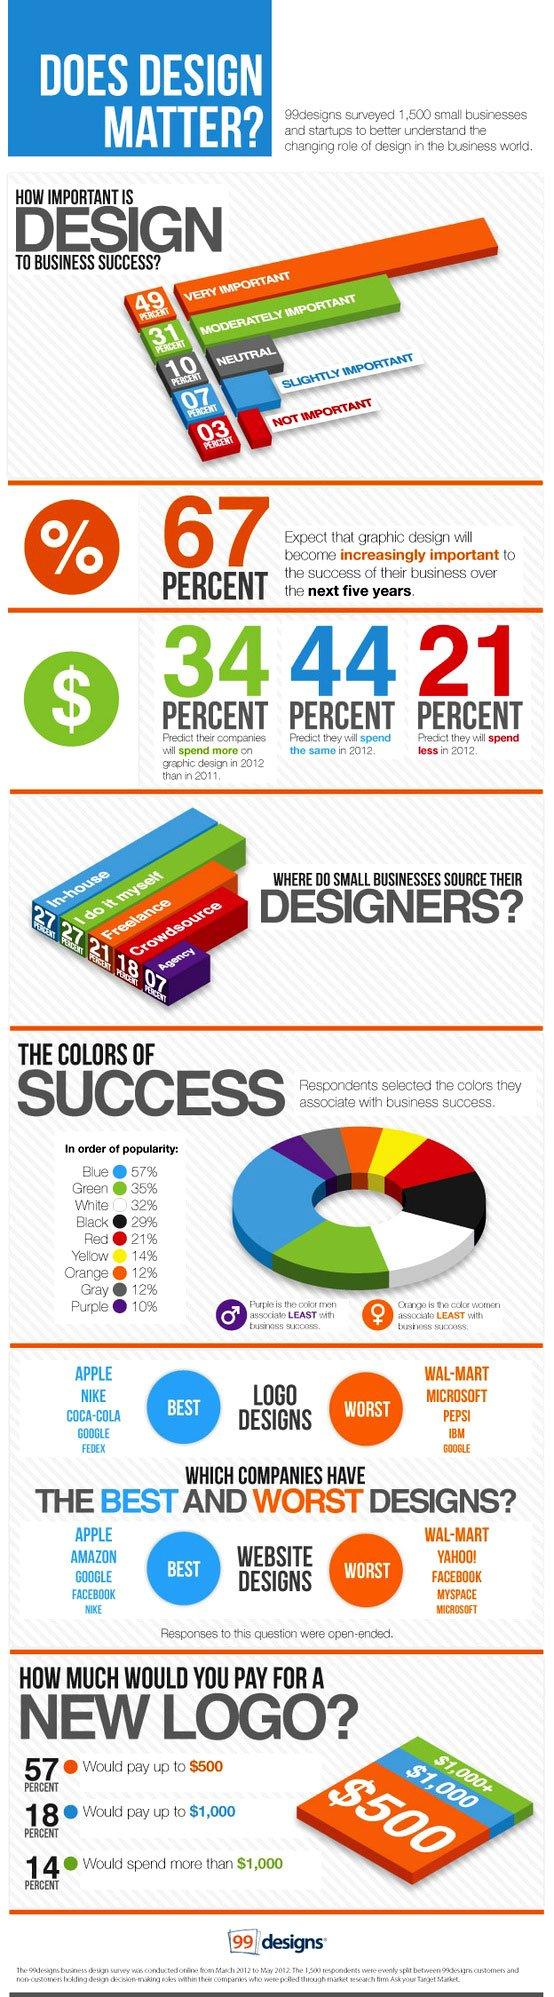 does-design-matter